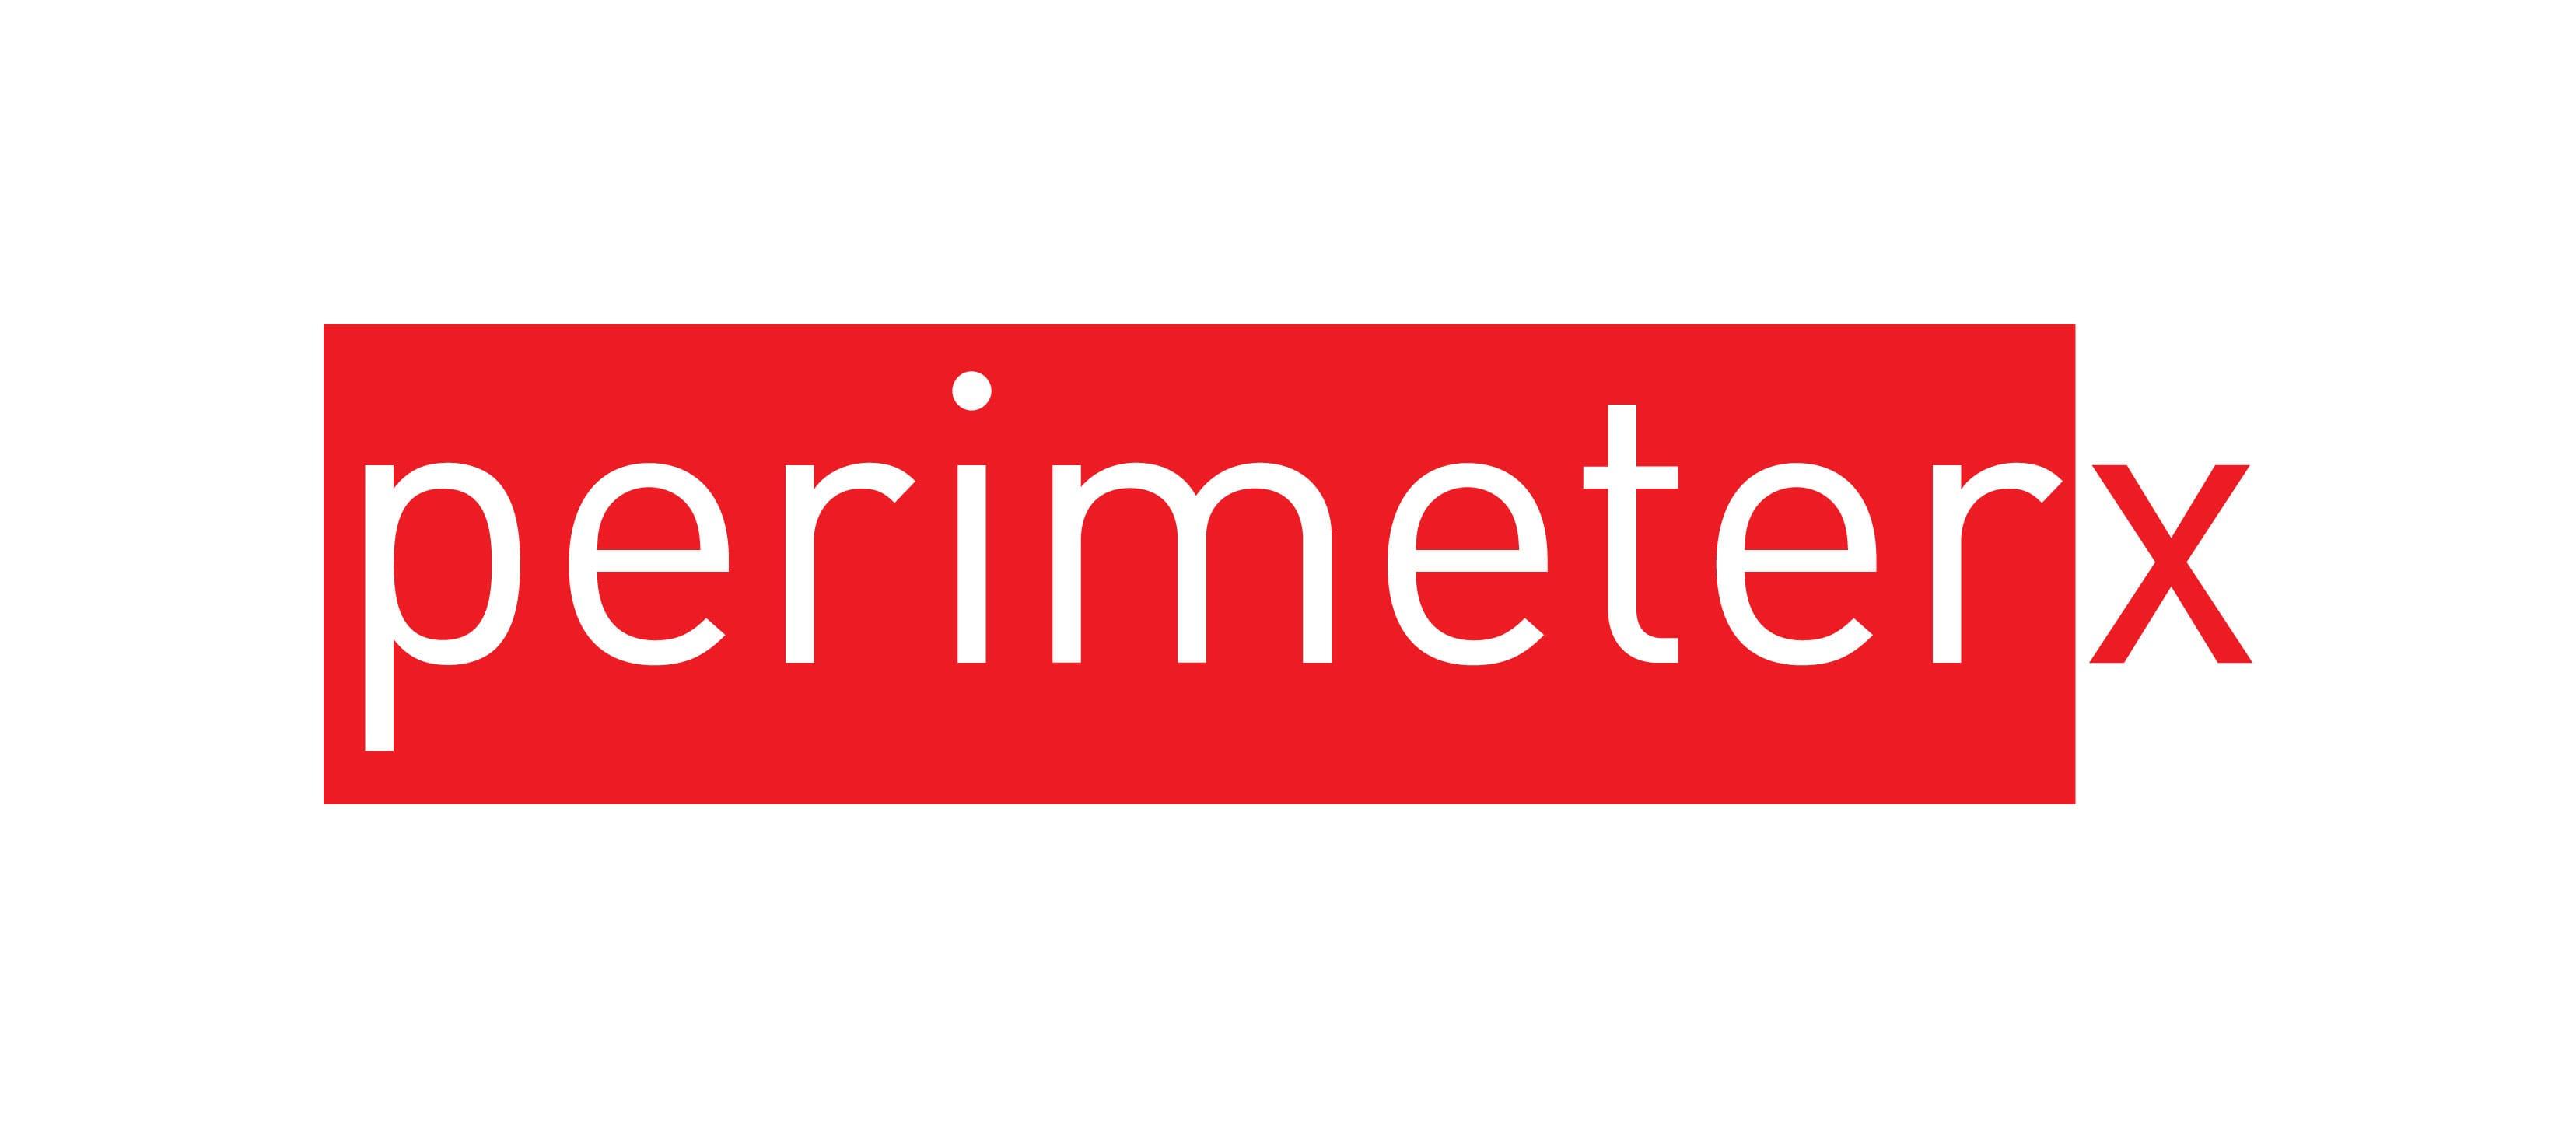 perimeterx logo